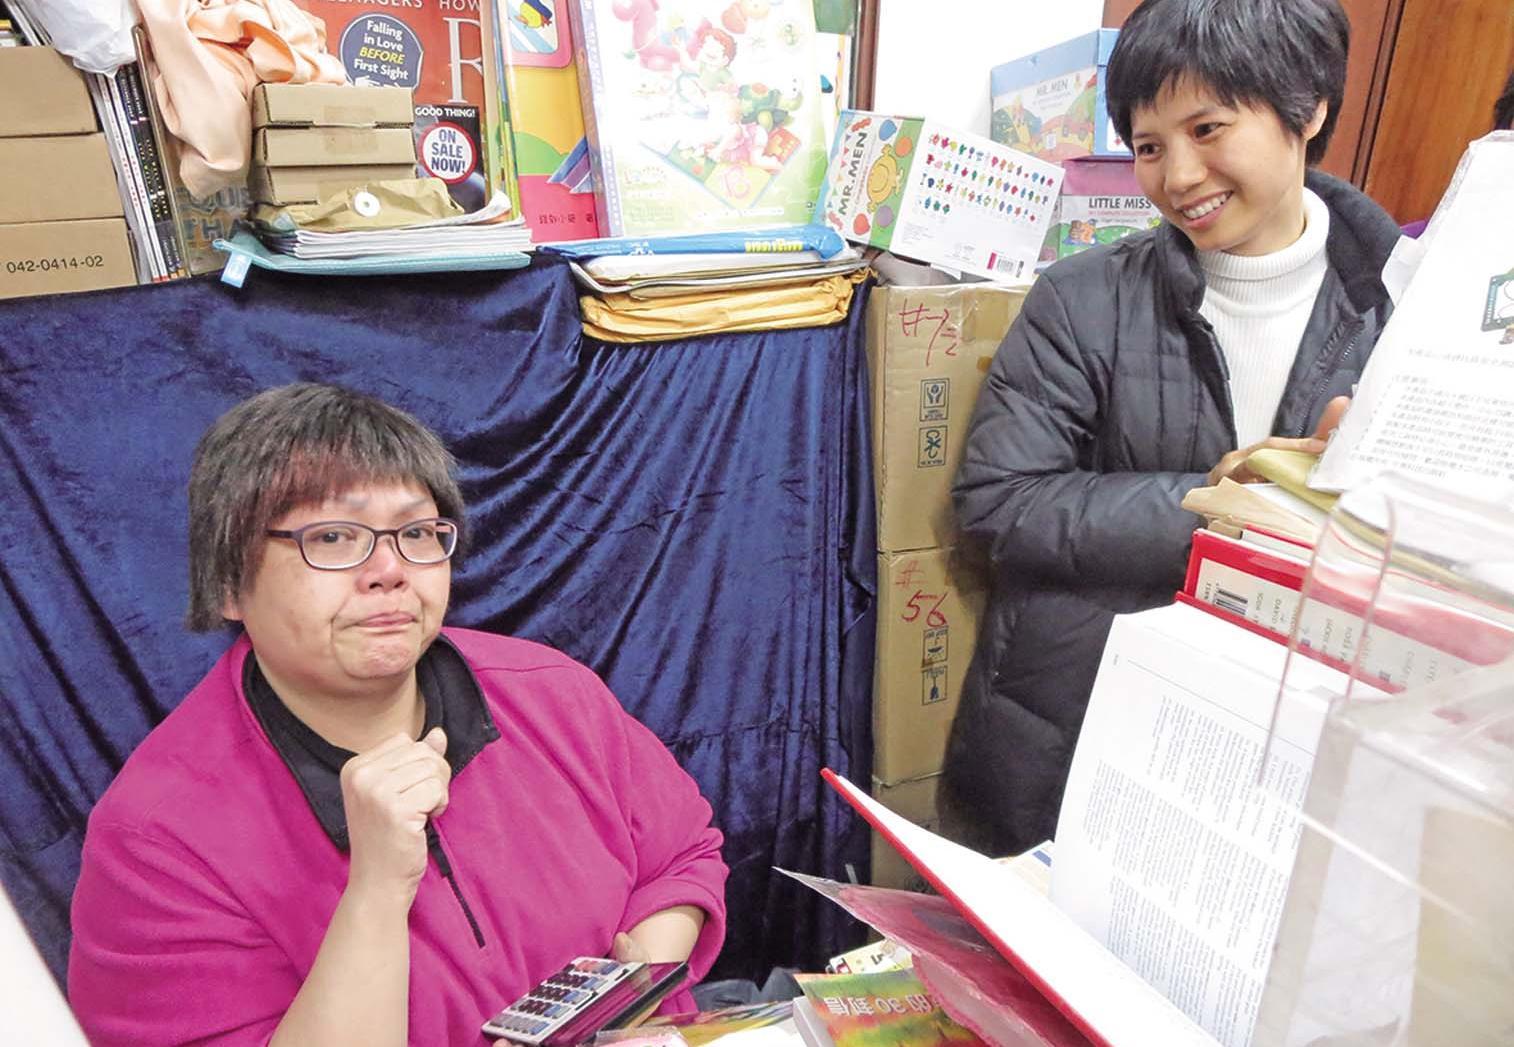 癌魔復發 港女賤賣書店求存活